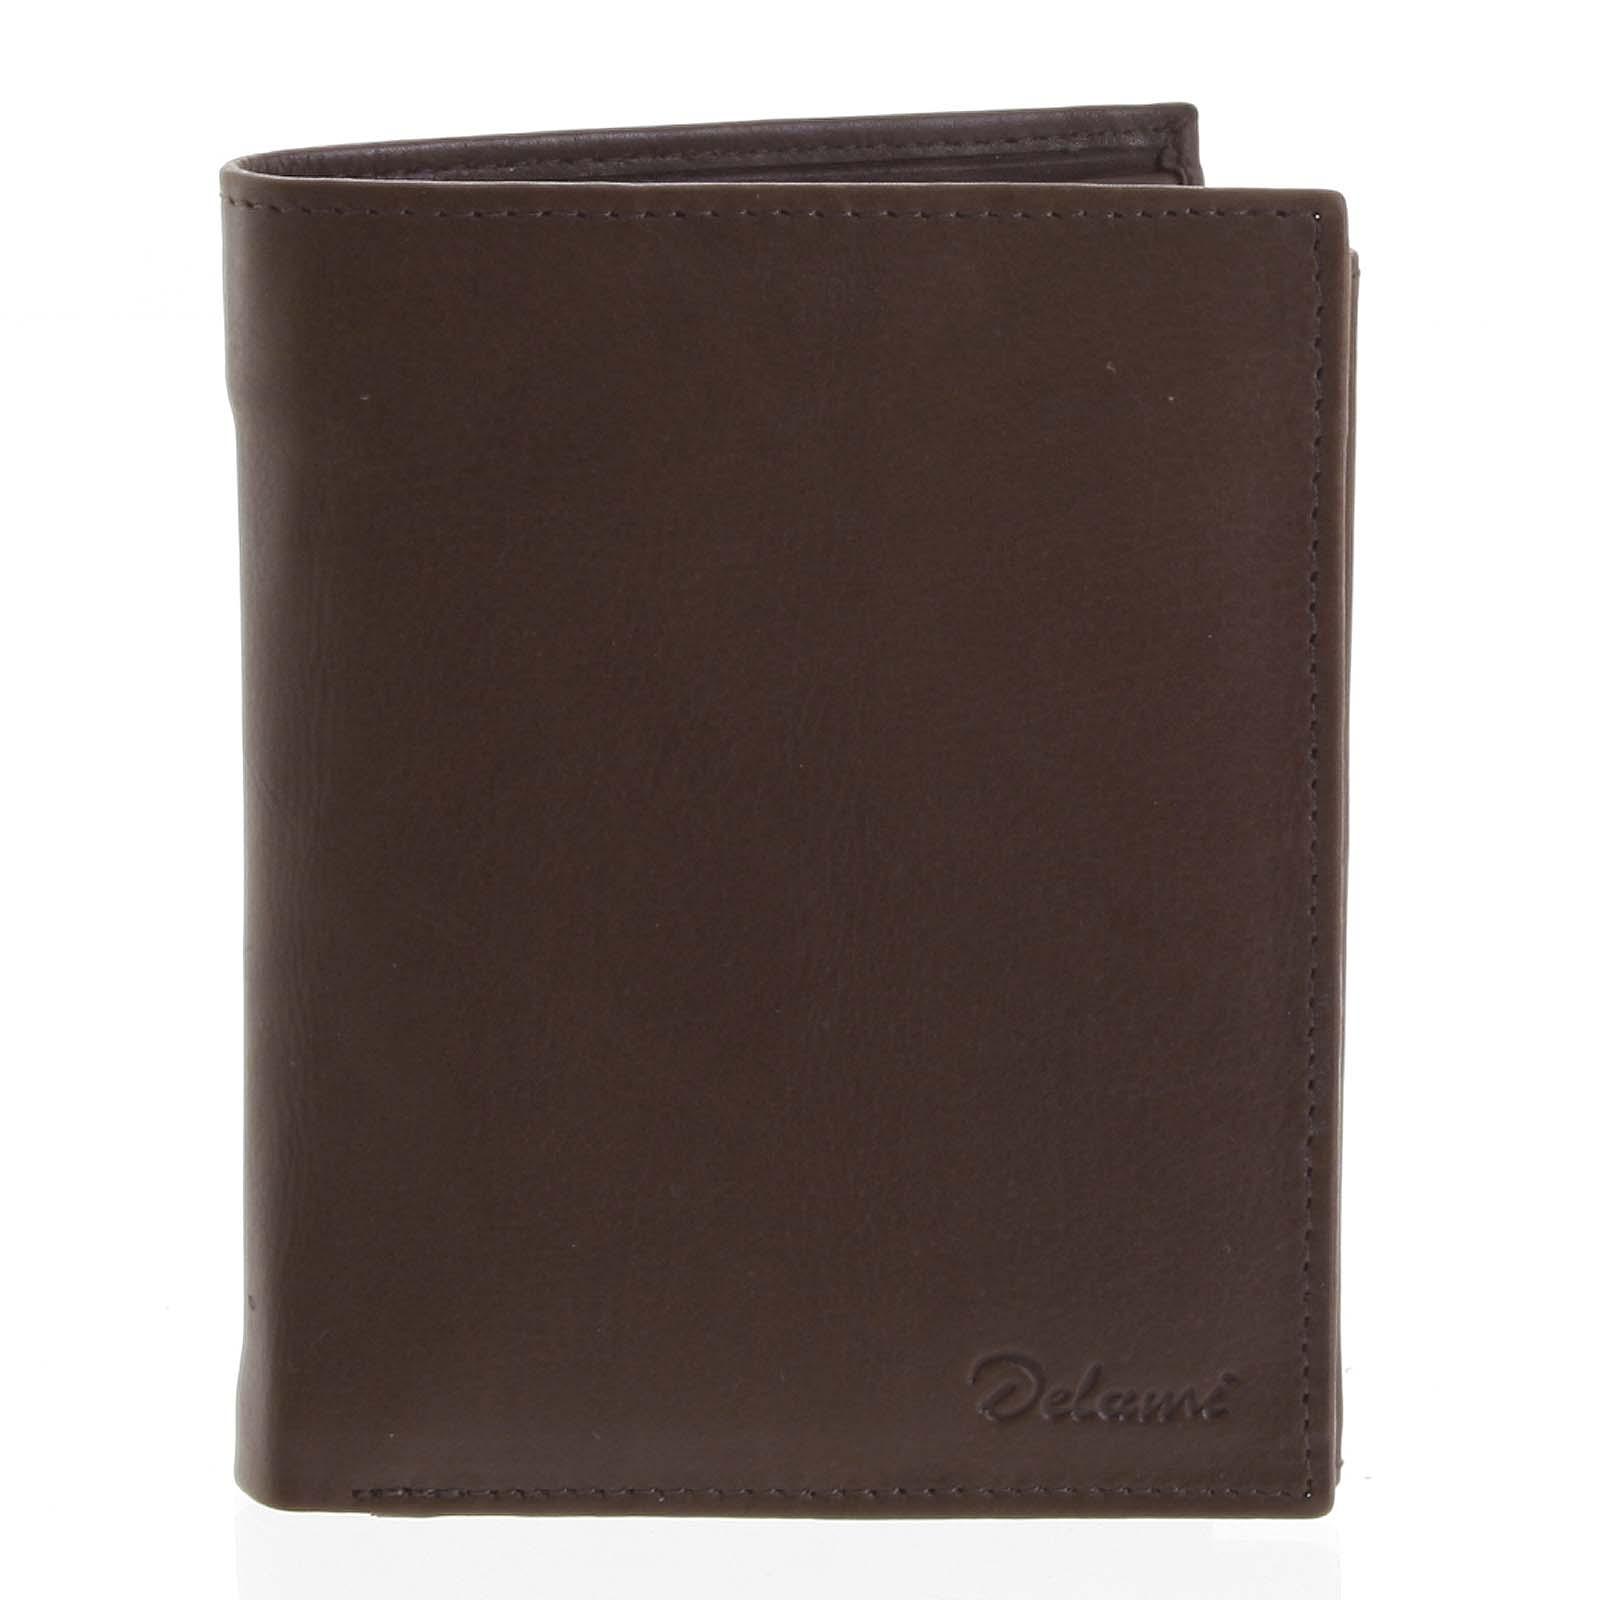 Pánska kožená hnedá peňaženka - Delami 8229 hnedá